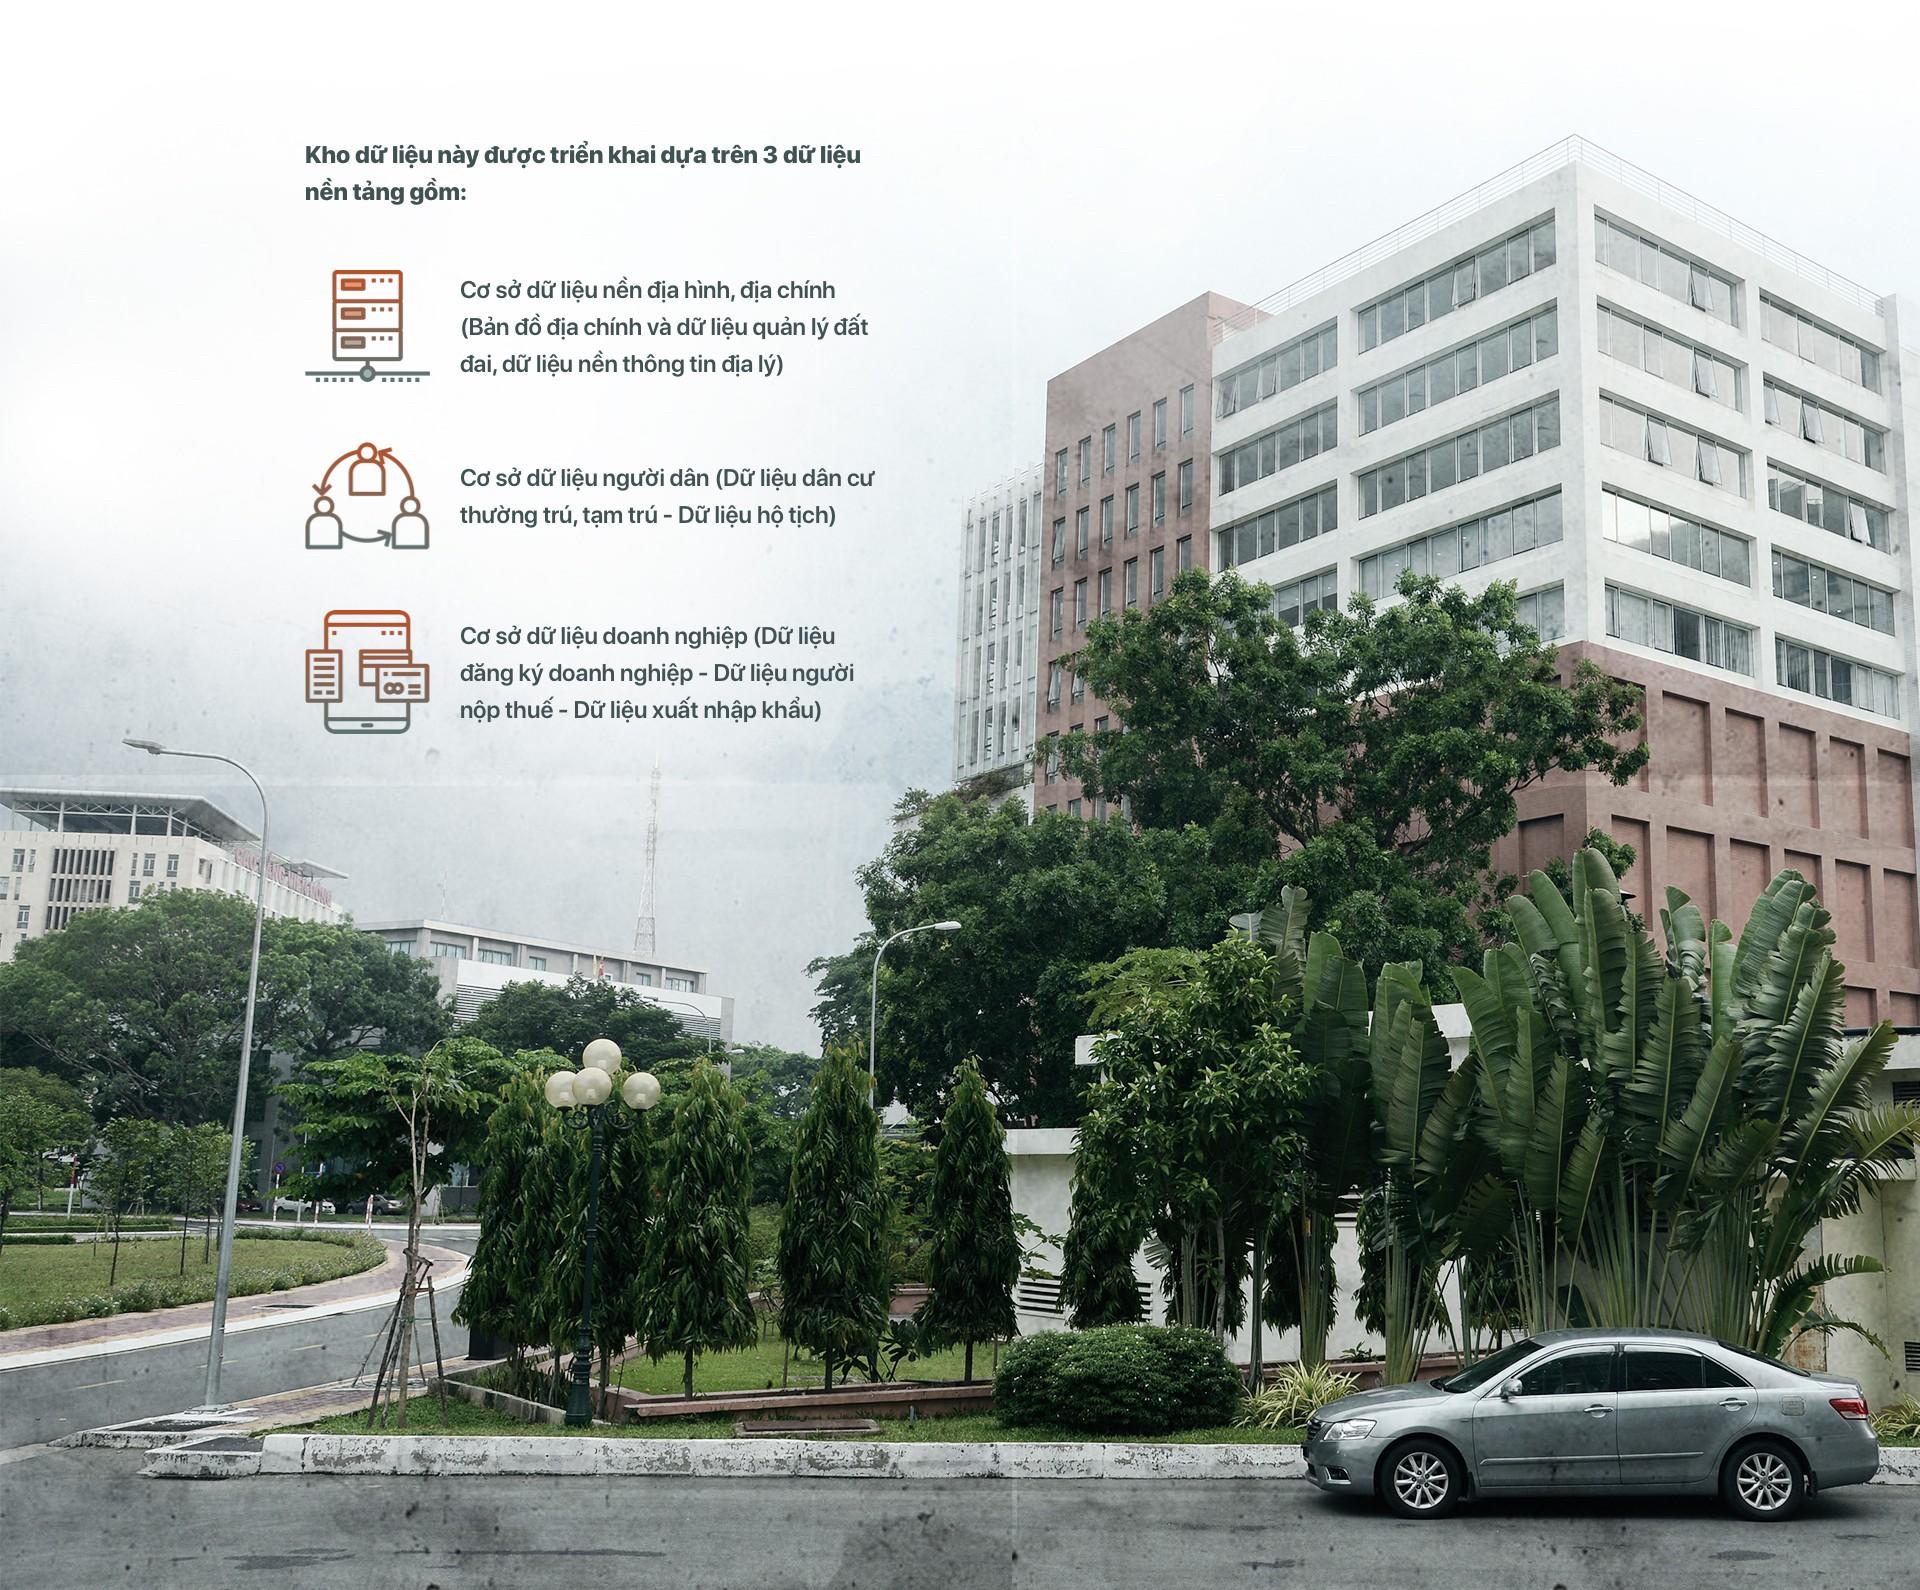 Hành trình vươn đến đô thị thông minh - Ảnh 6.